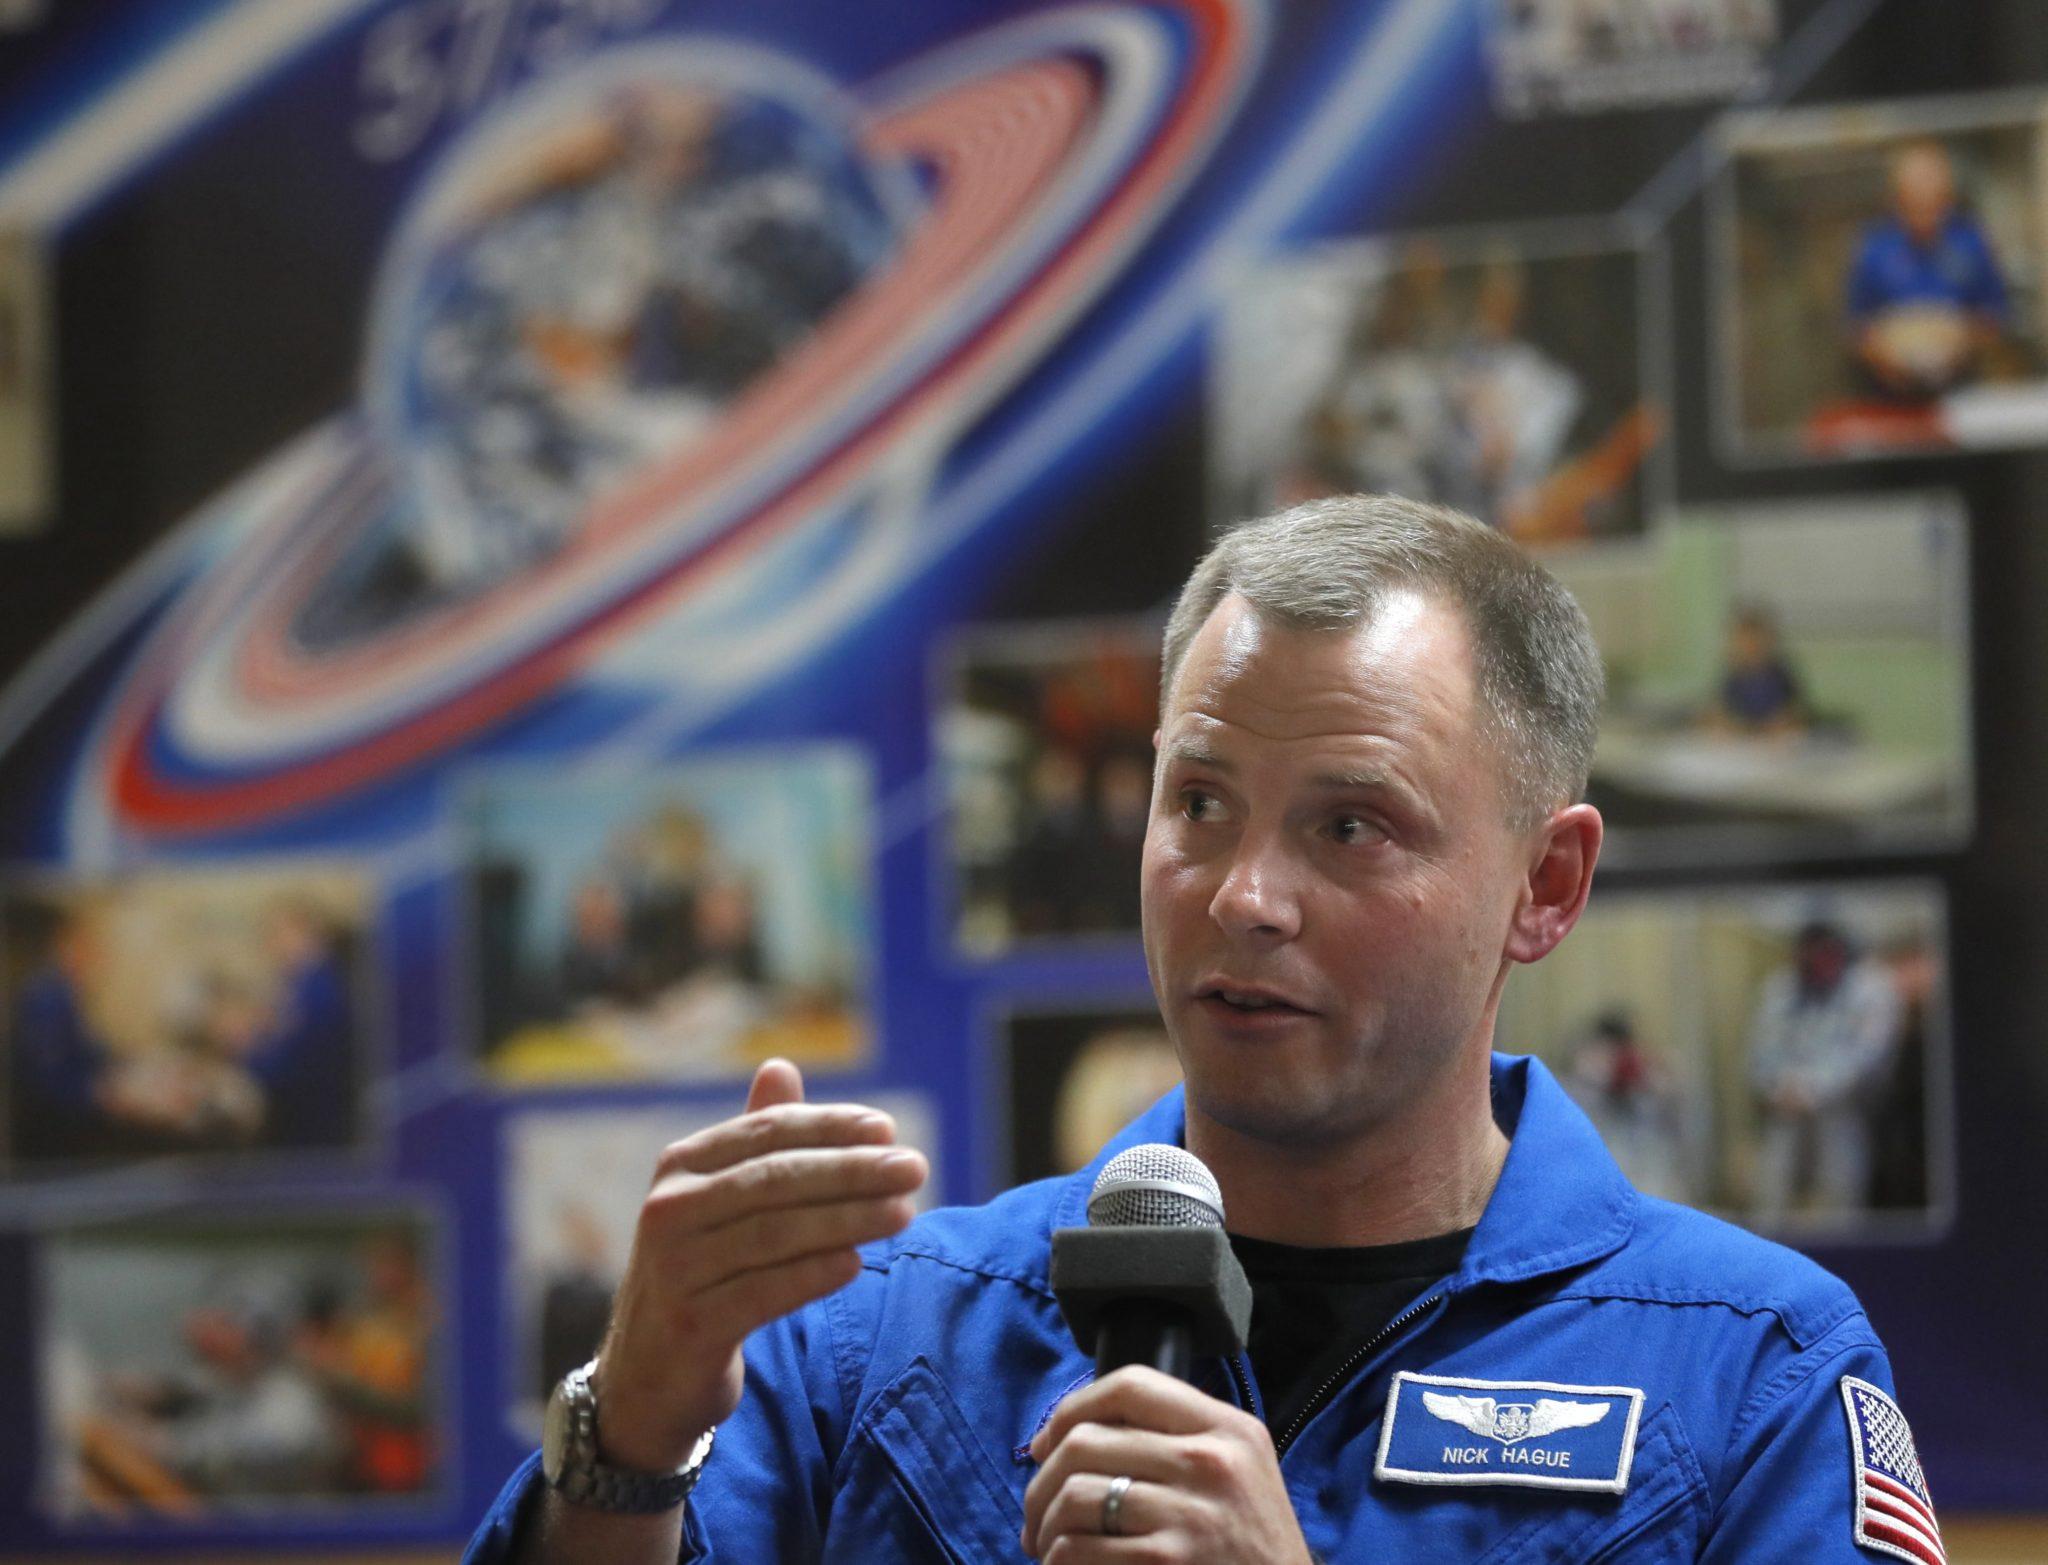 Międzynarodowa (rosyjsko-amerykańska) Stacja Kosmiczna 57/58 - konferencja prasowa w kosmodromie Bajkonur w Kazachstanie, fot. Yuri Kochetkov, PAP/EPA